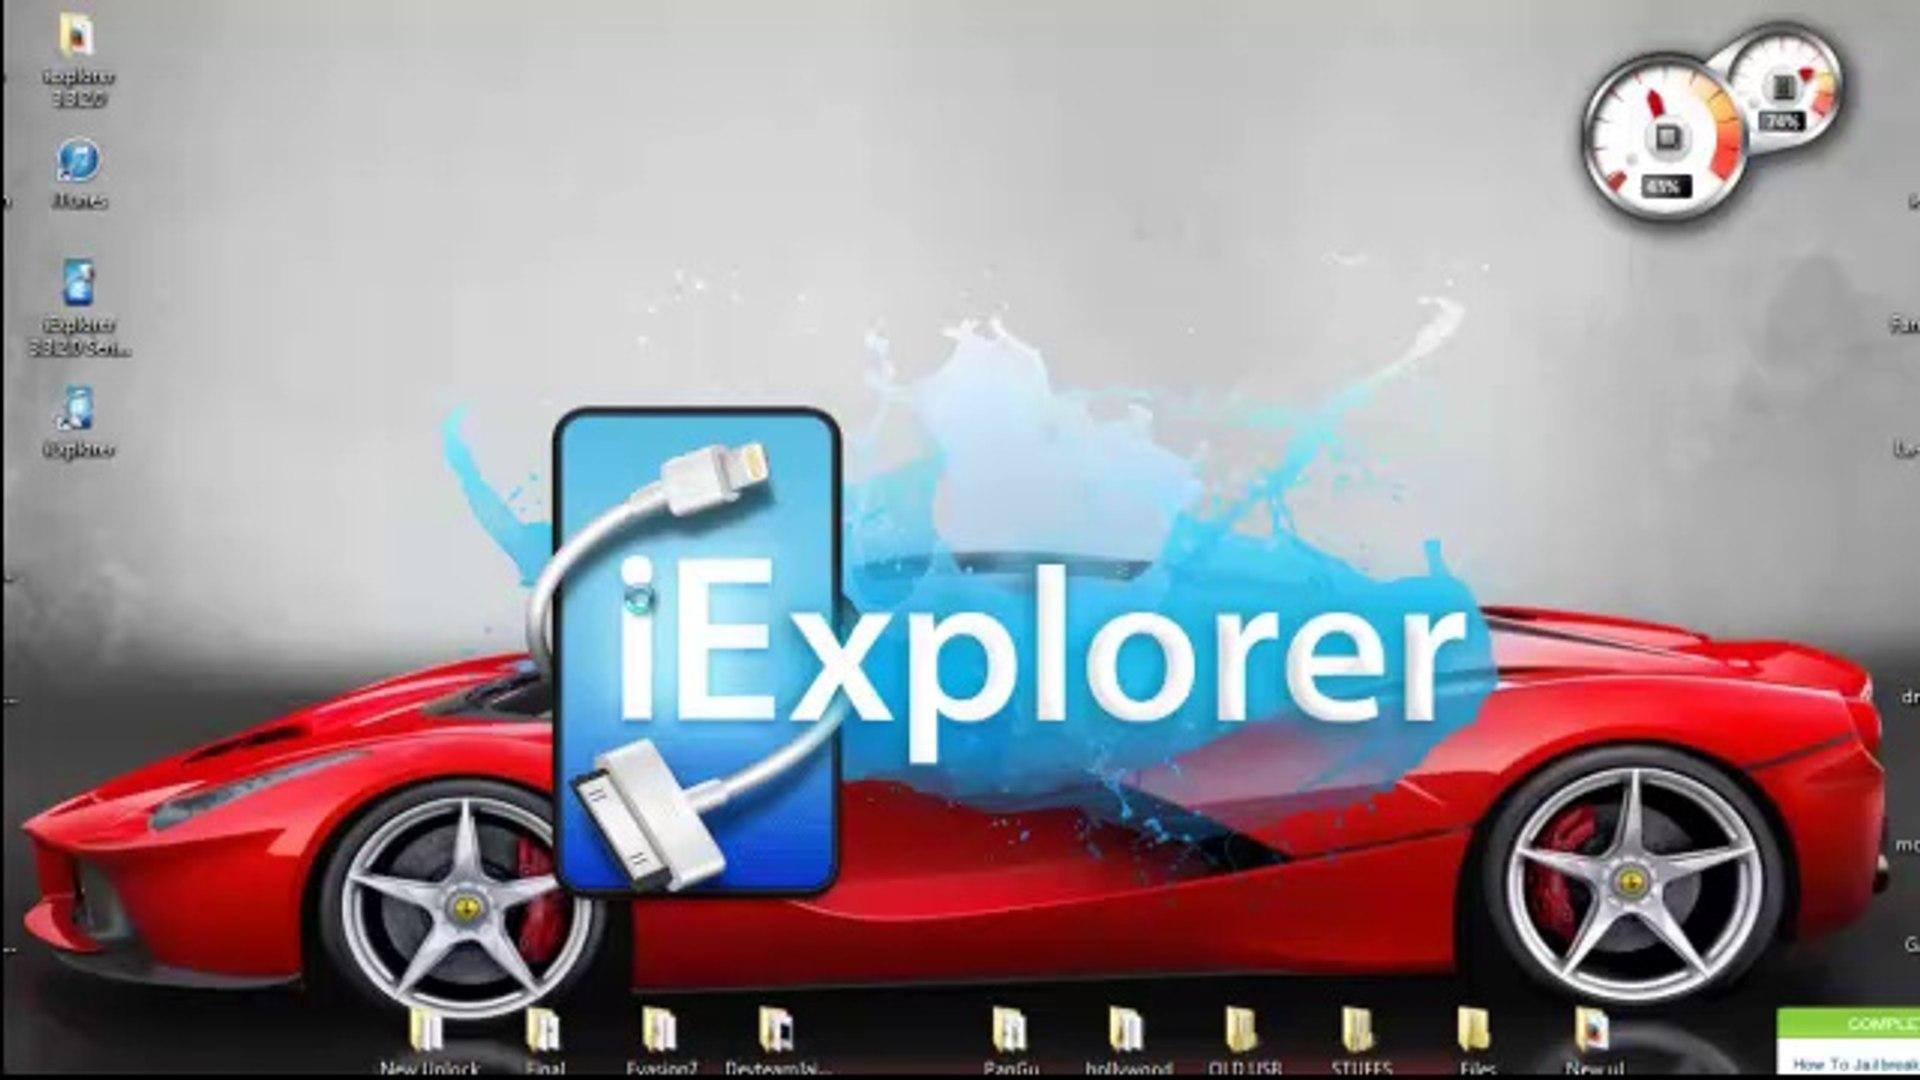 TÉLÉCHARGER IEXPLORER 3.2.5.6 POUR WINDOWS GRATUIT